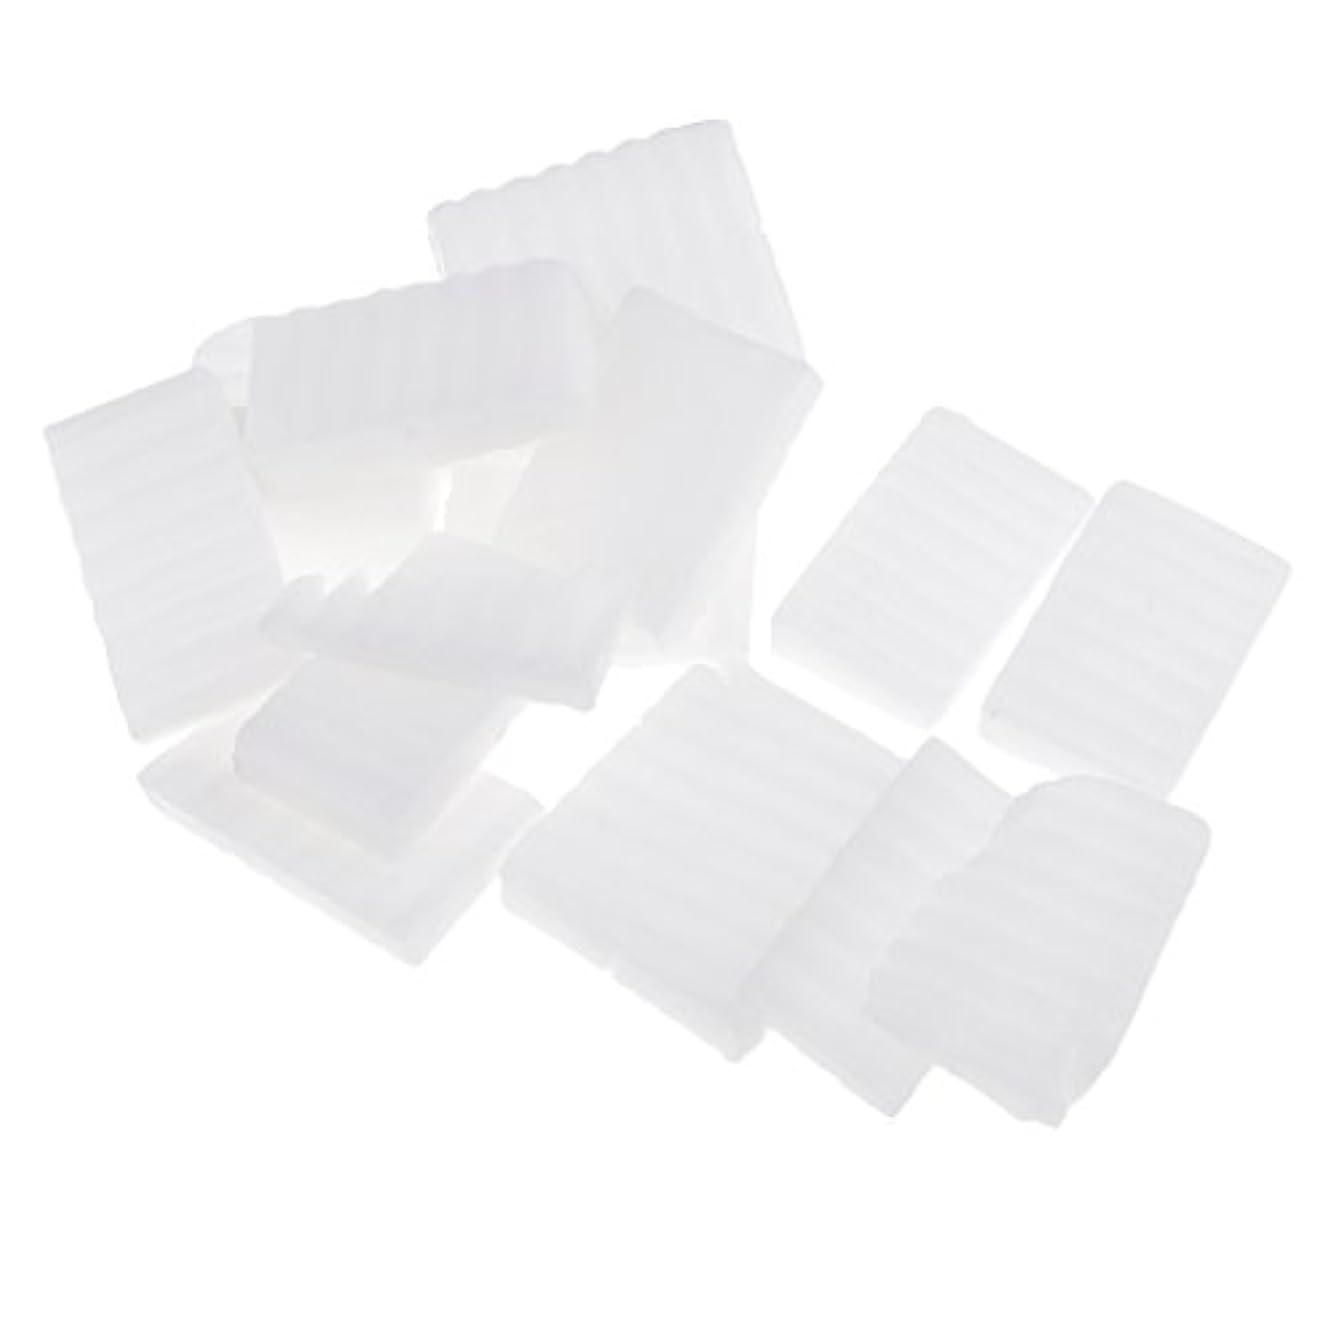 Homyl 約500g ホワイト 石鹸ベース DIY 手作り 石鹸 材料